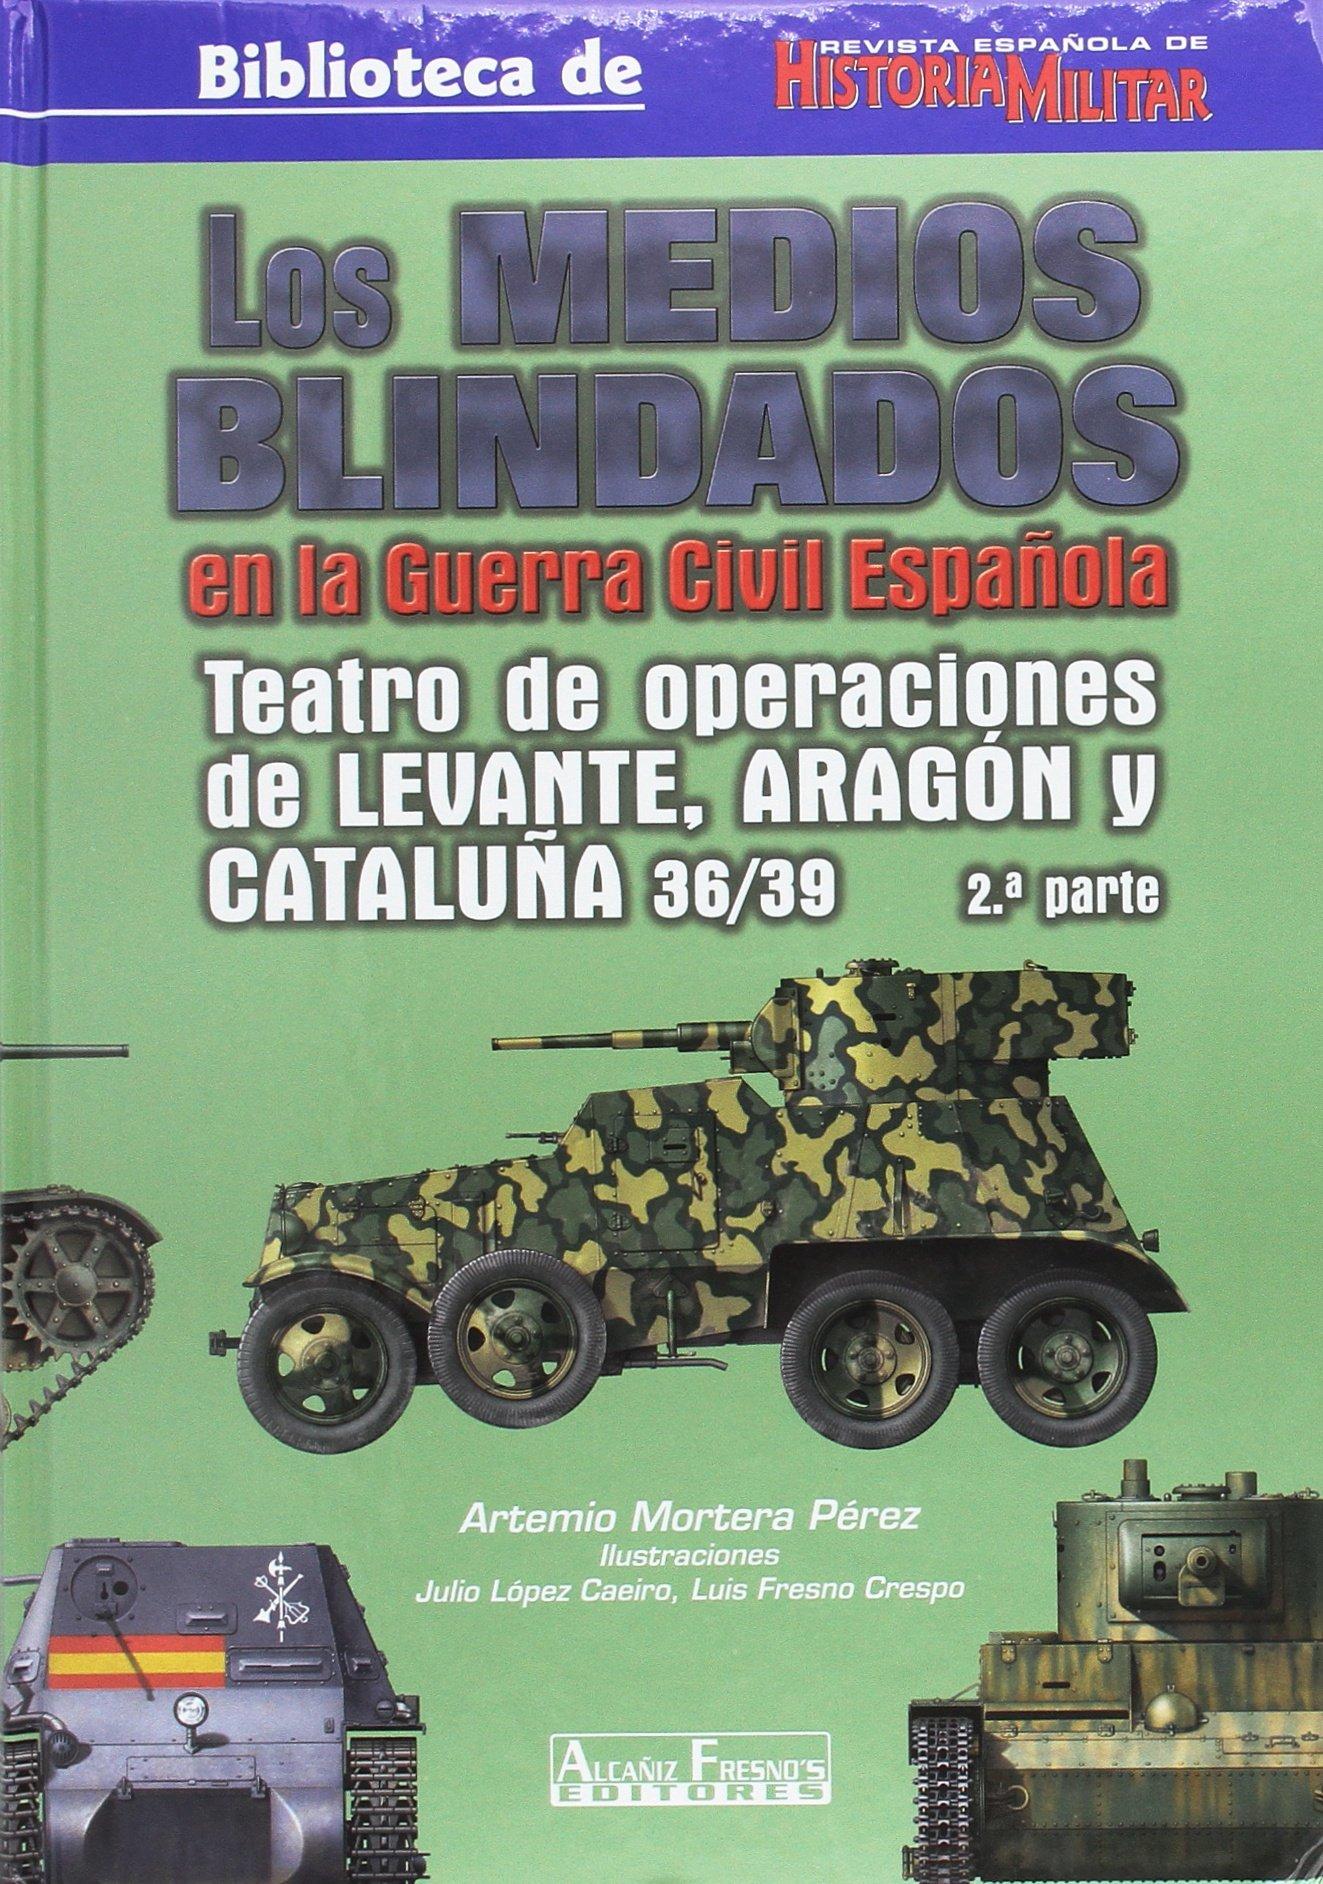 Los medios blindados en la guerra civil española: Teatro de operaciones de Levante, Aragón y Cataluña 36/39. 2ª Parte: Amazon.es: Mortera Pérez, Artemio: Libros